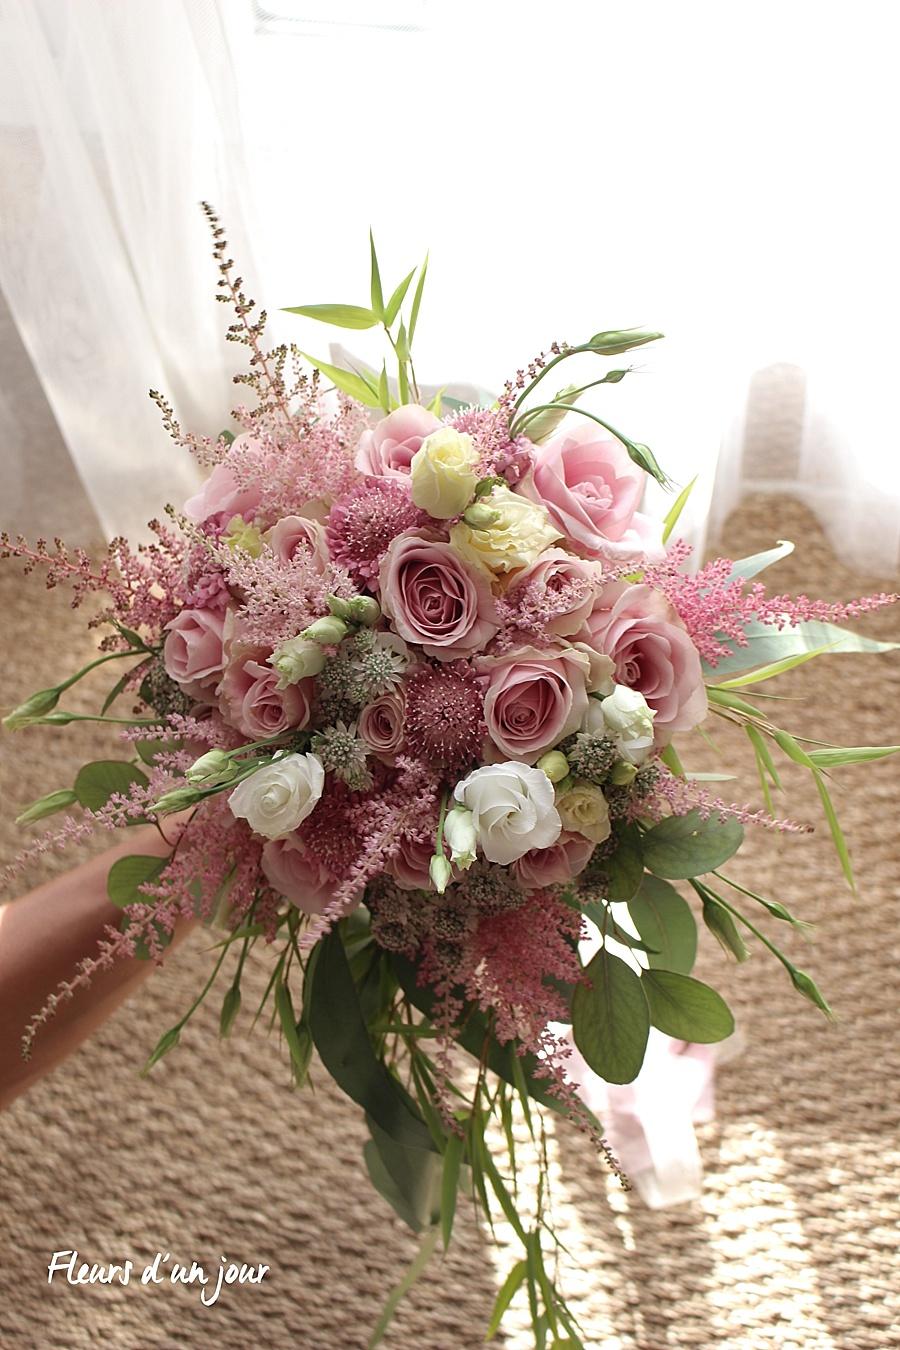 bouquet de mariée fleuriste mariage décoration de mariage décoration florale fleurs mariage fleurs d'un jour